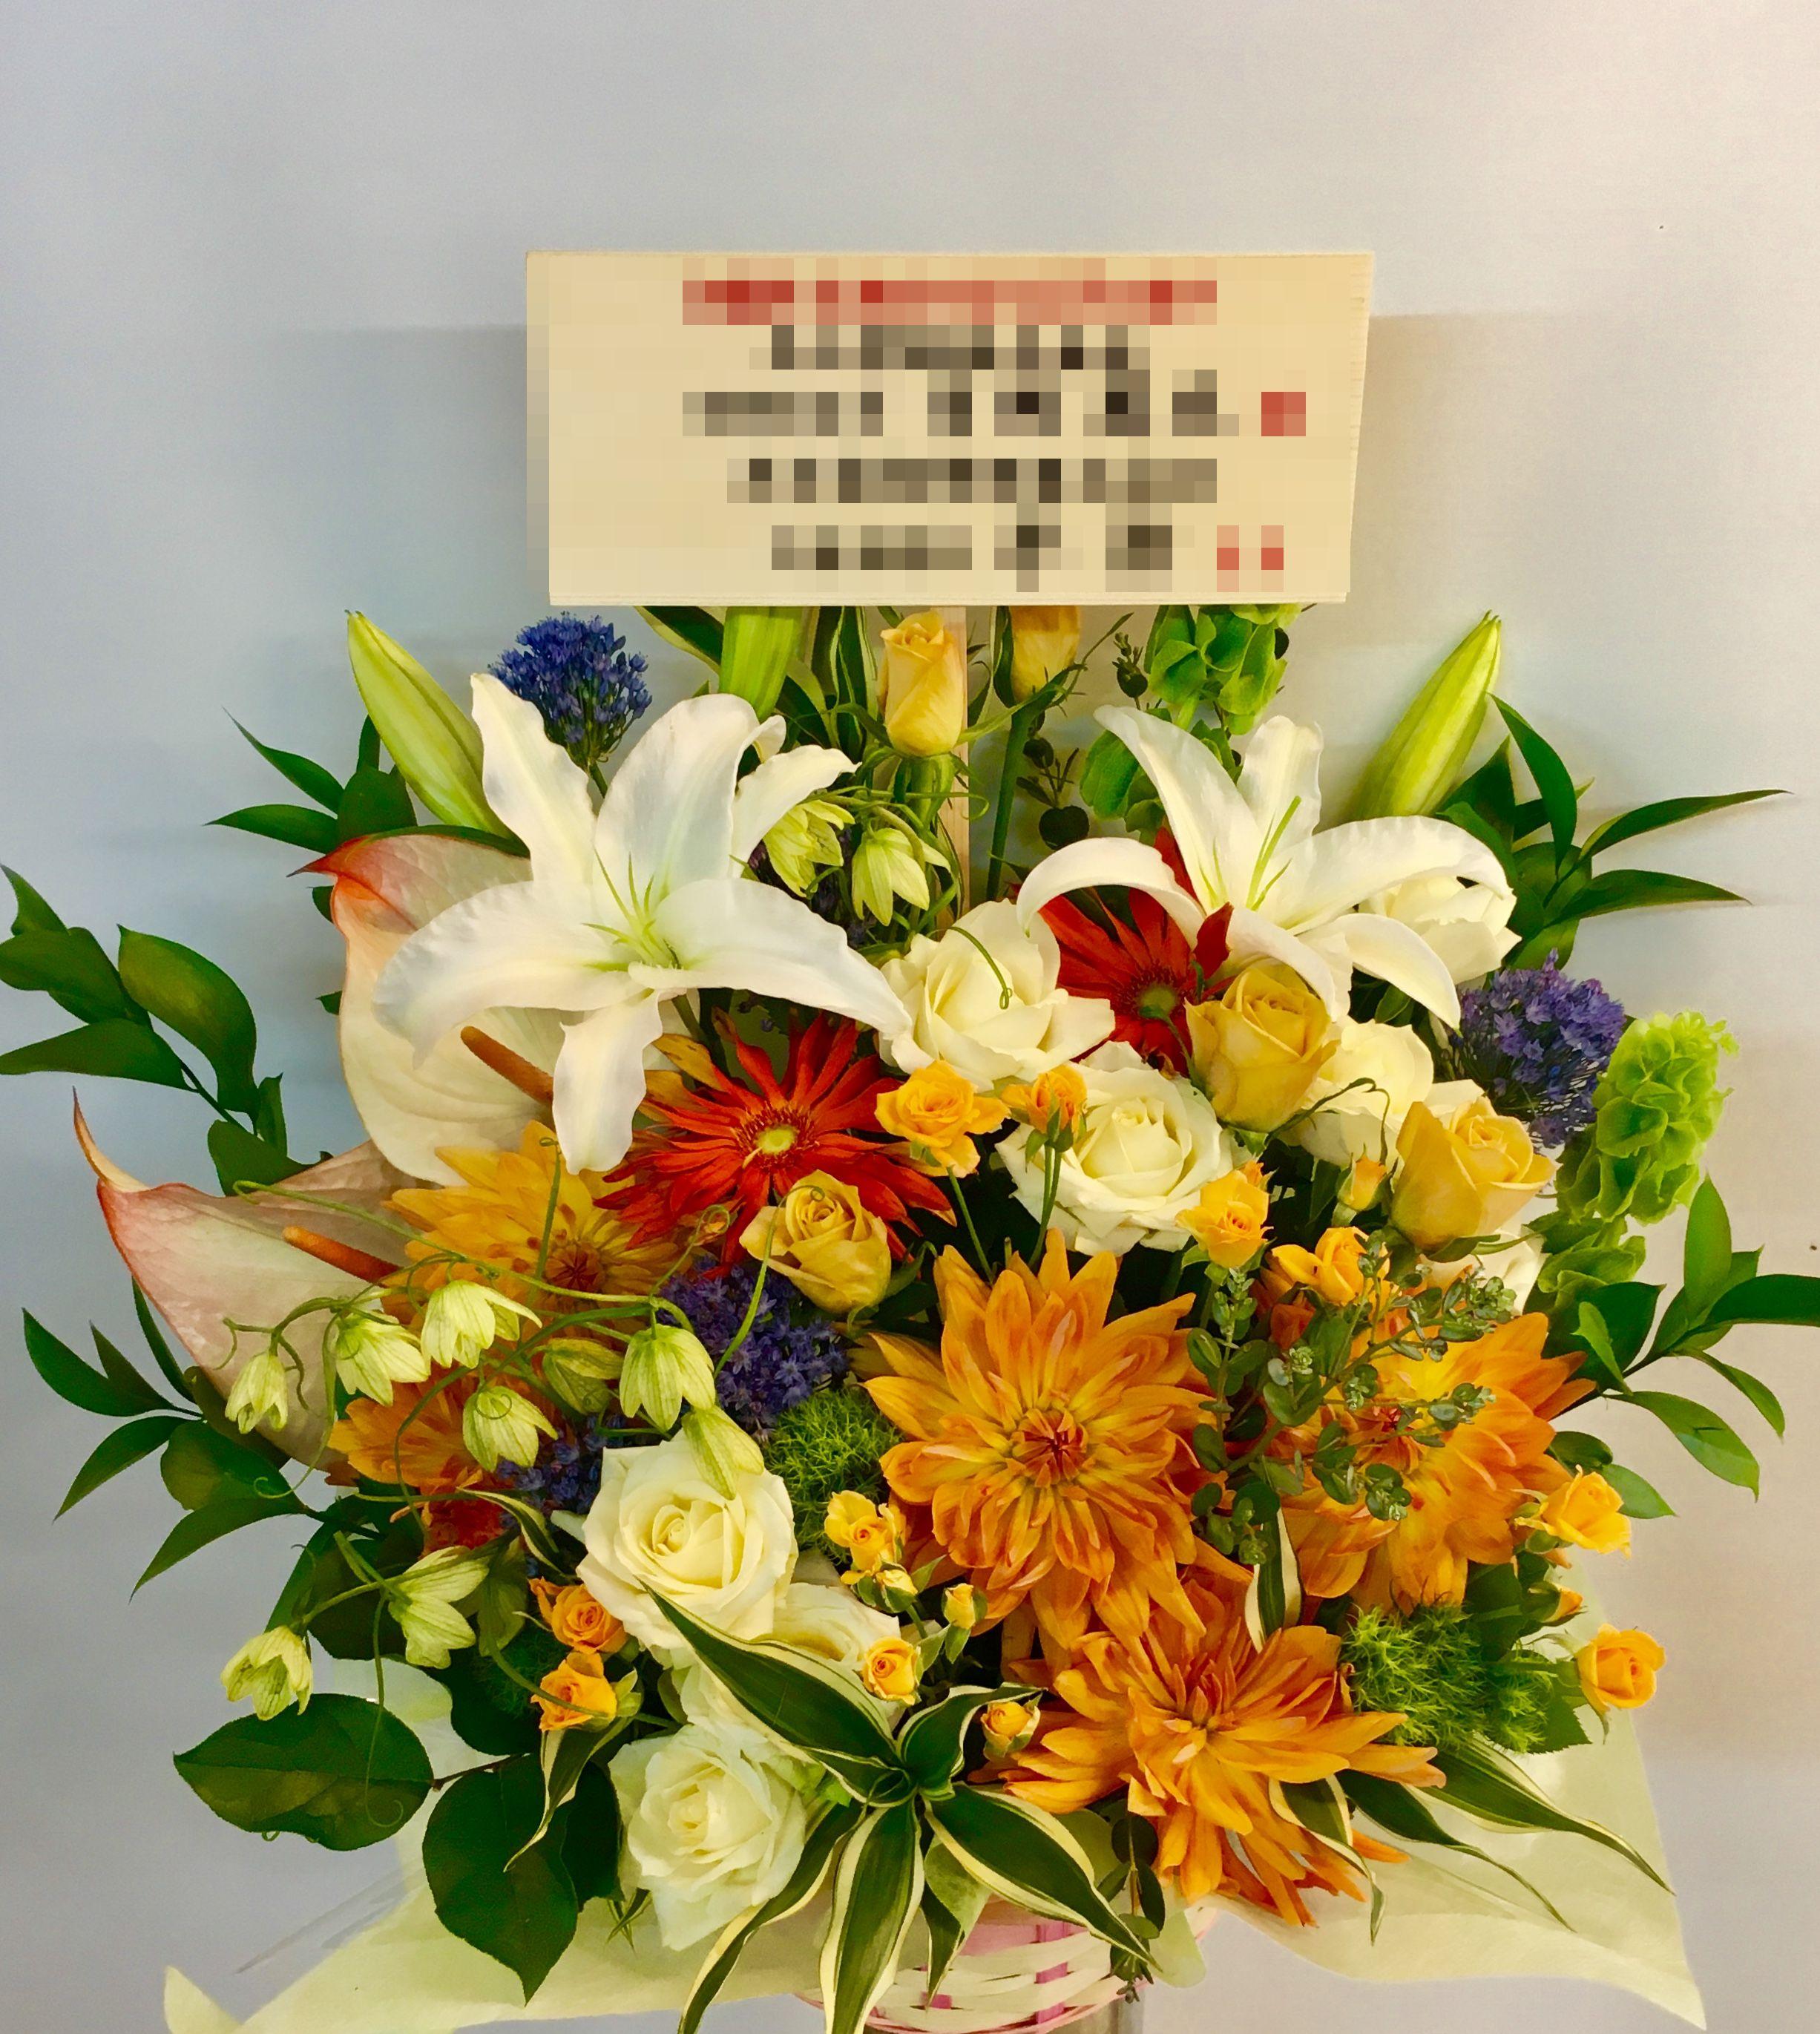 【お花納品事例26】横浜市関内の法人企業様にアレンジメントを配達しました!